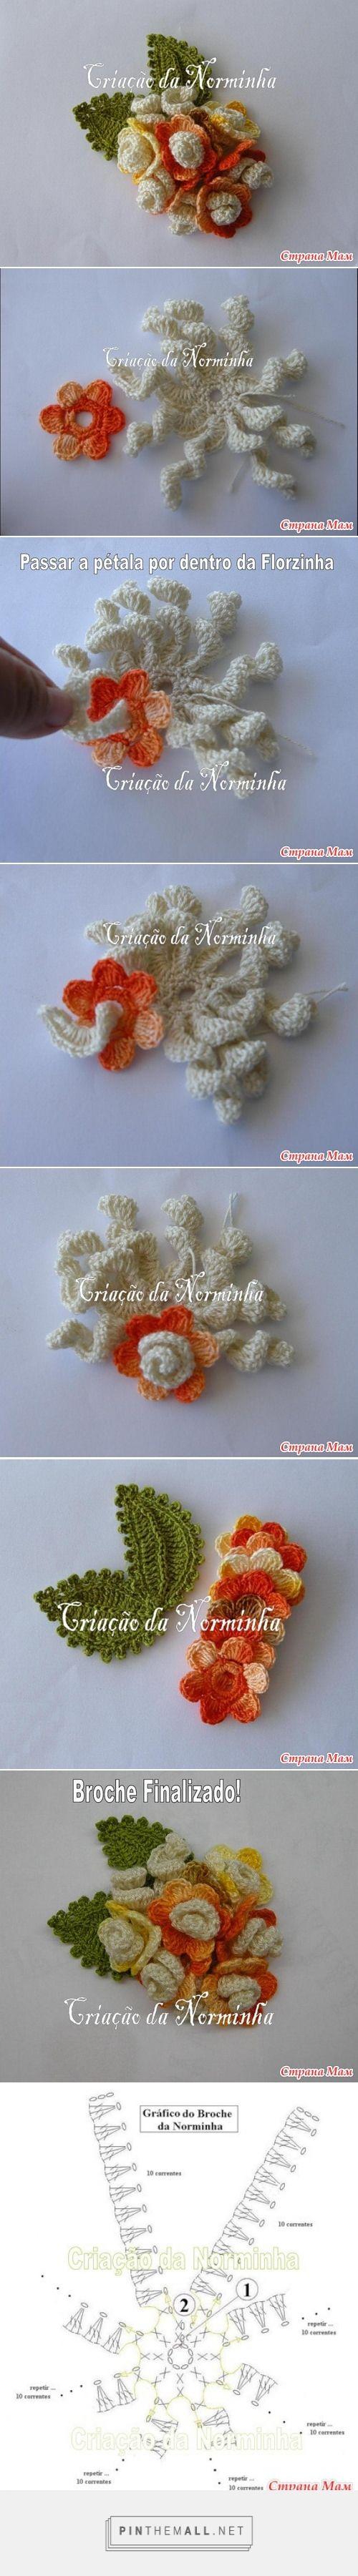 Pin von Sunita Sangra auf Crochet | Pinterest | Häkelblumen ...